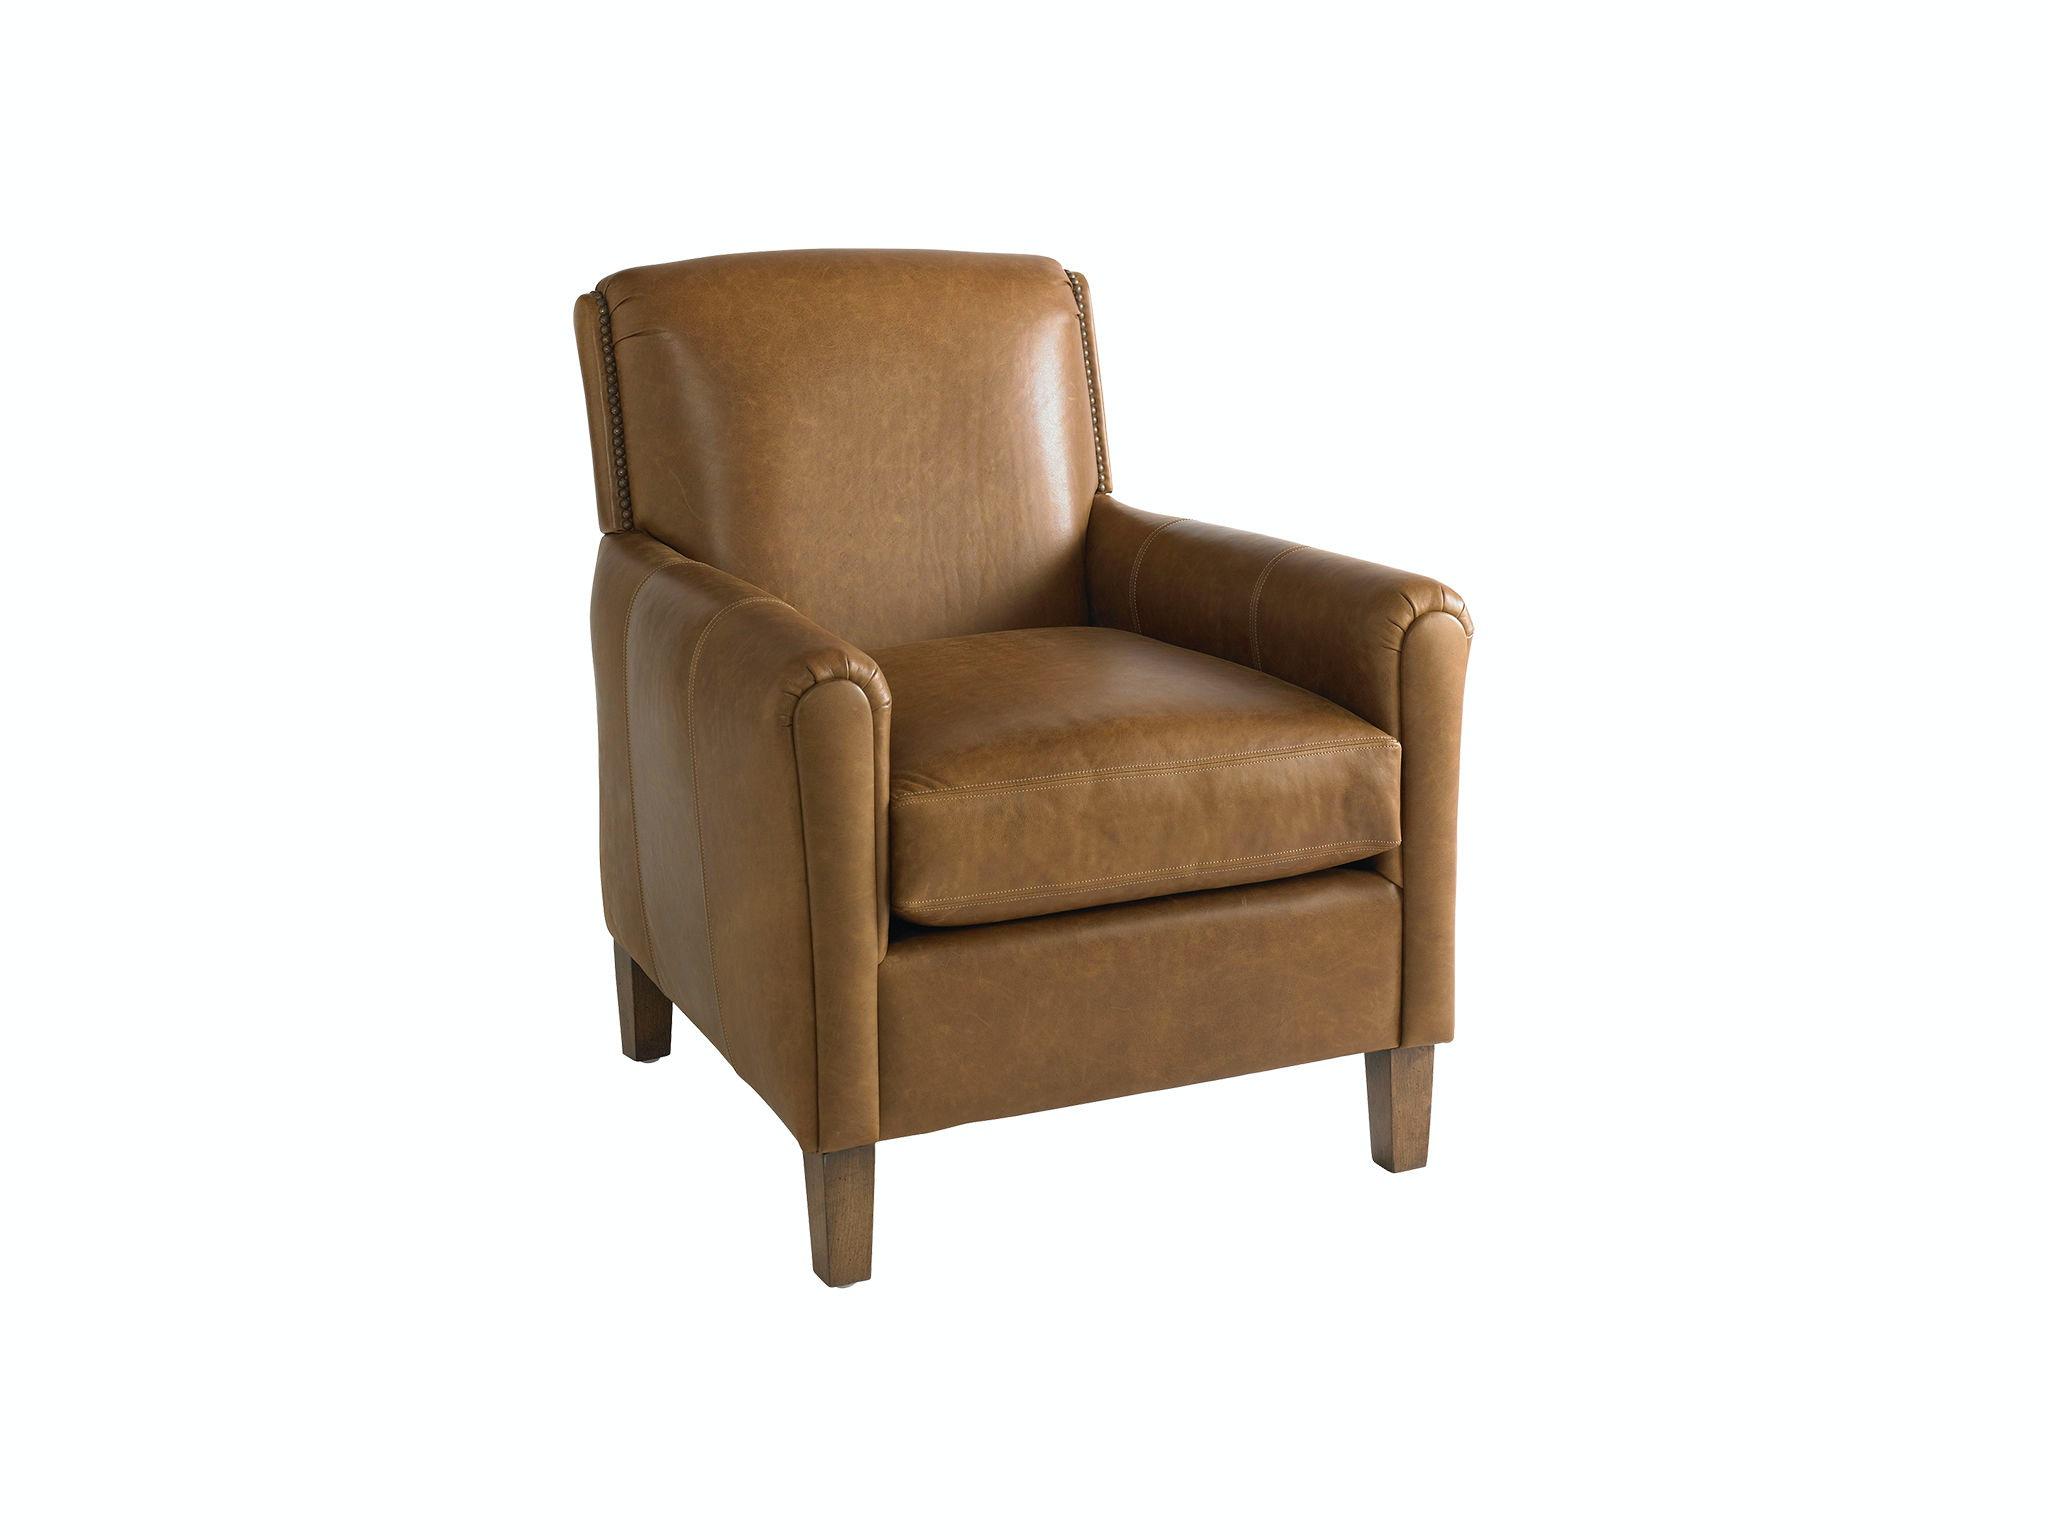 Bassett Accent Chair 1108 02